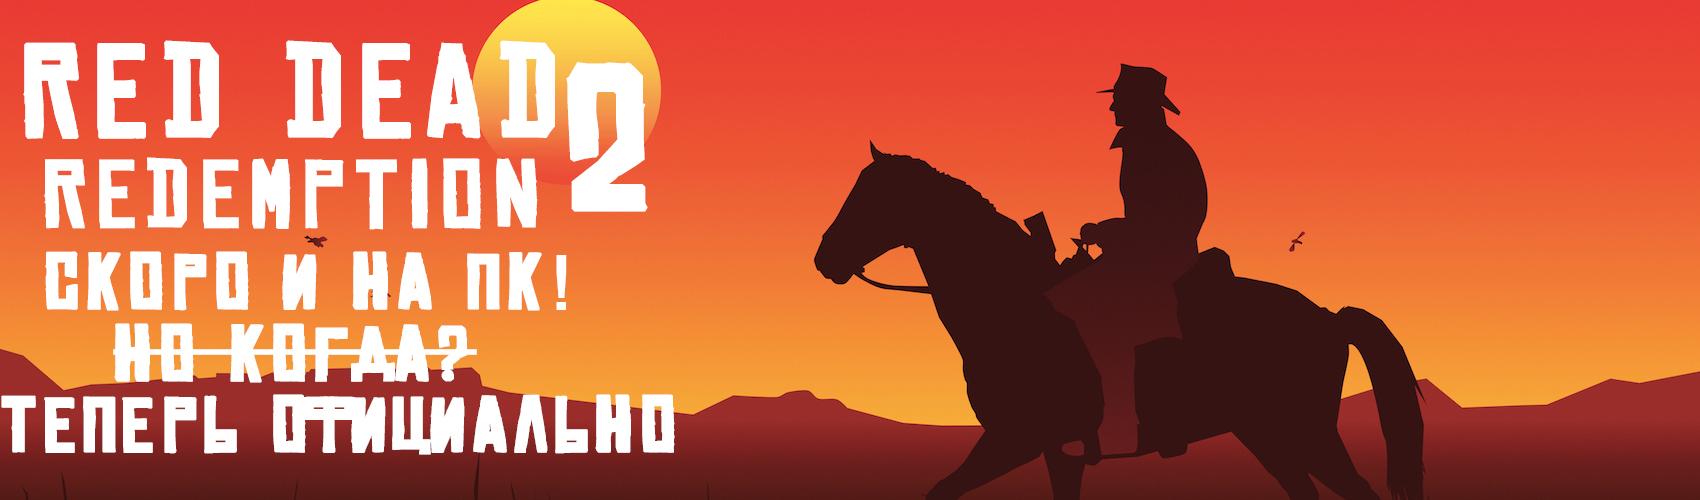 Red Dead Redemption 2 на ПК